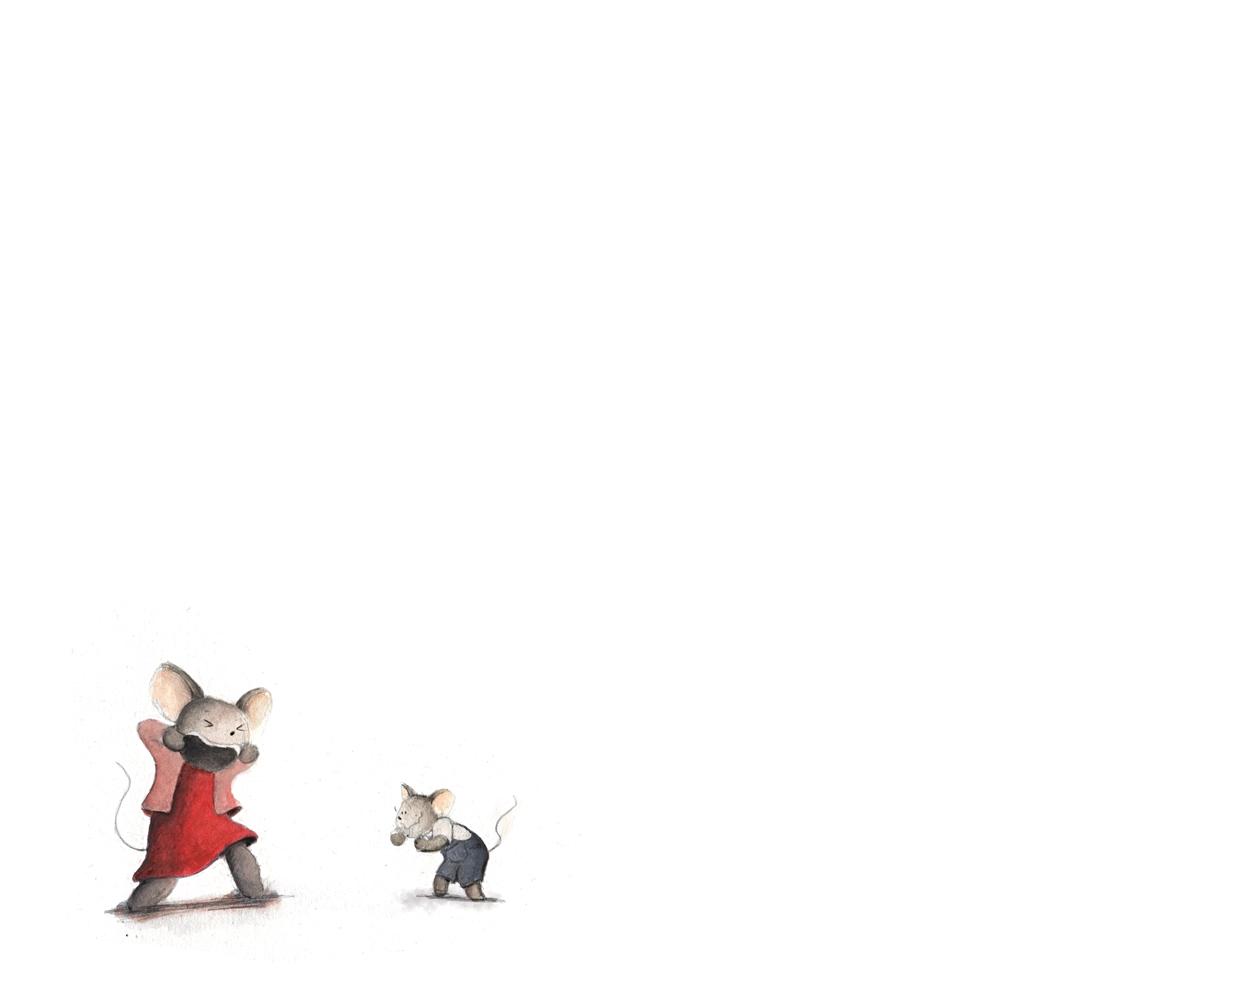 mice-kids_1250x1000.jpg